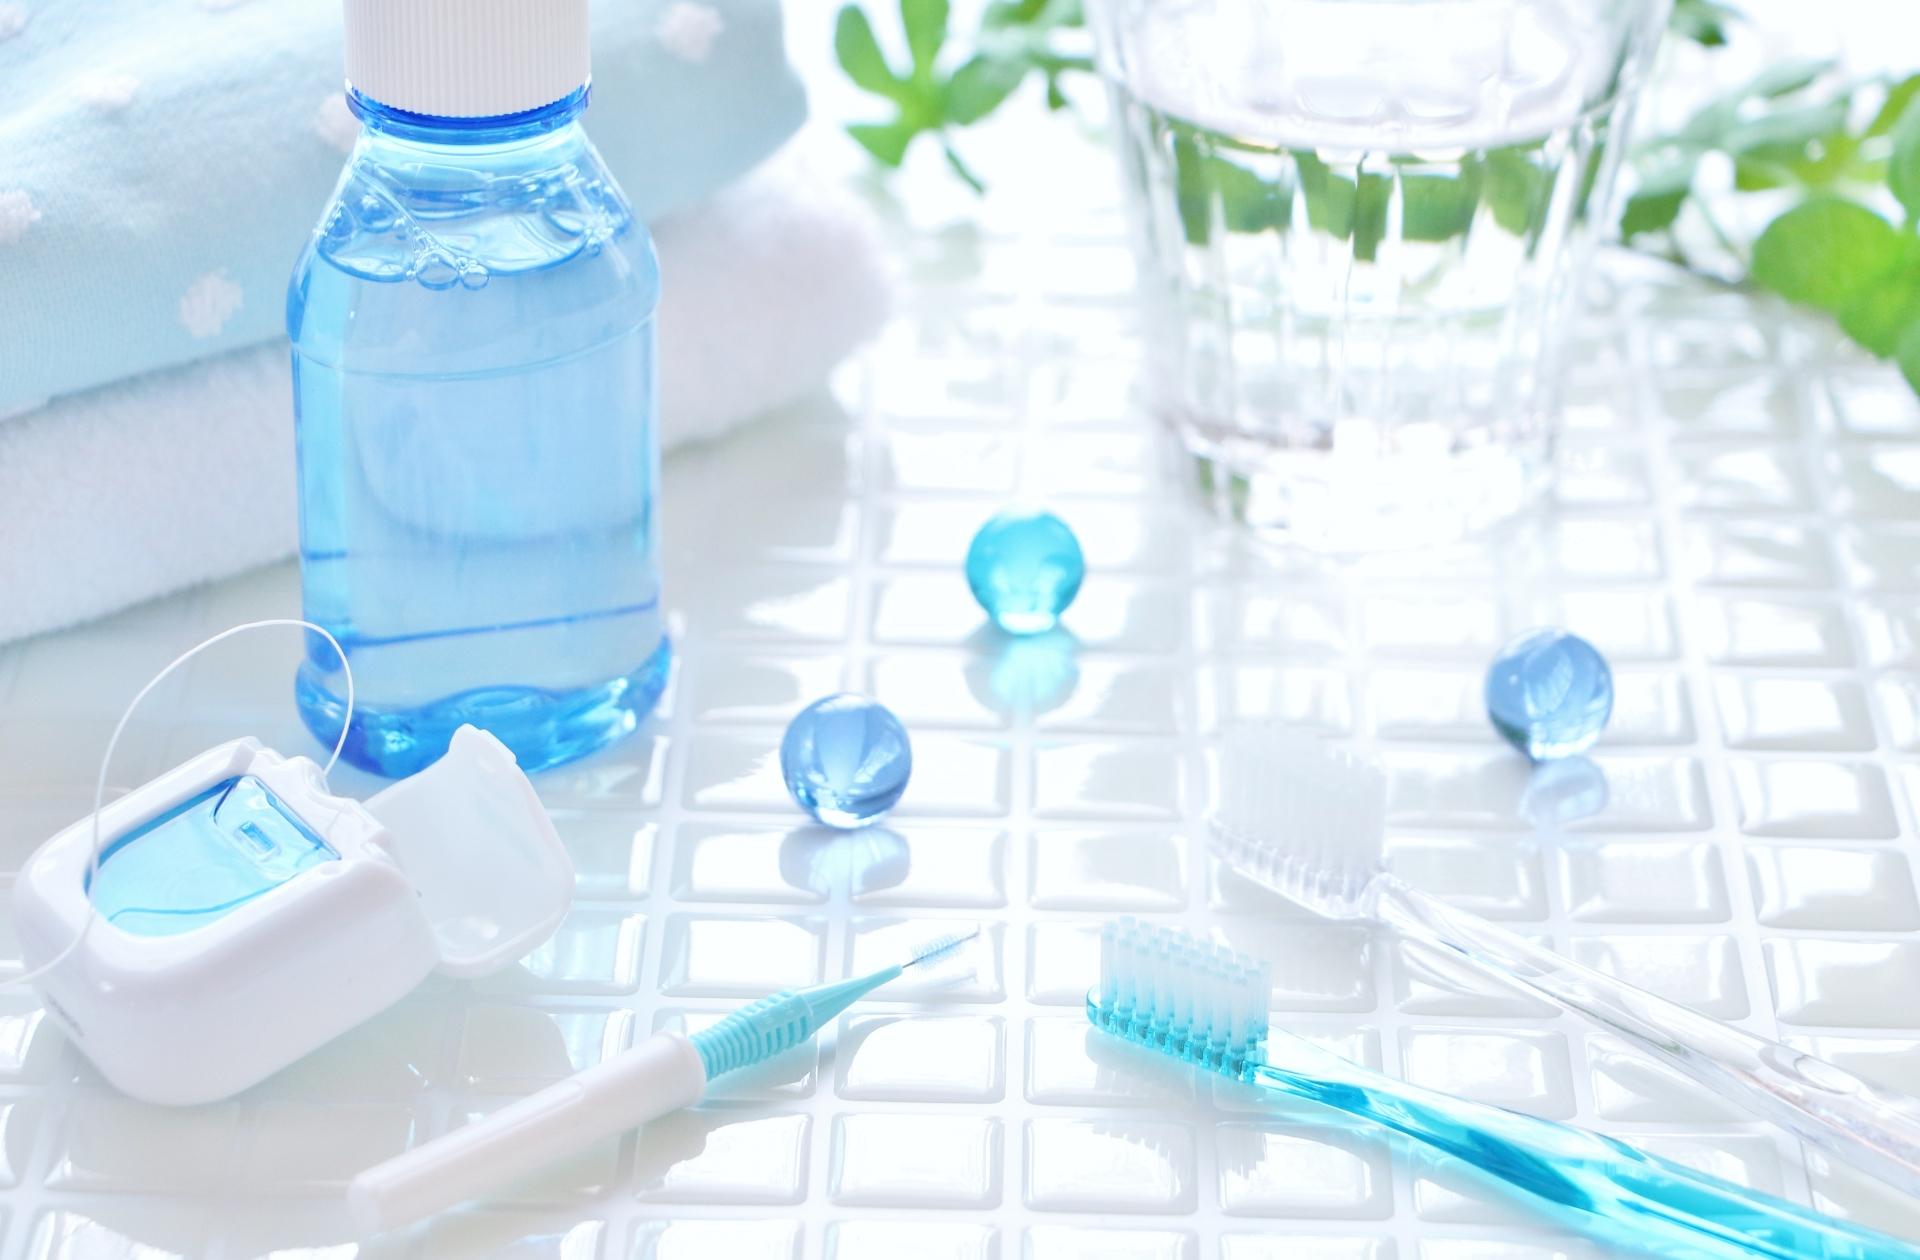 歯周病ケア用品